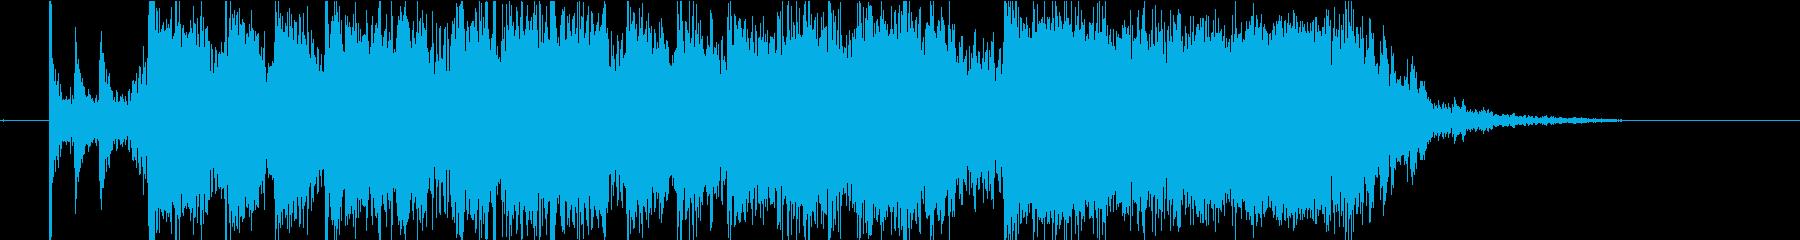 アイキャッチ向け10秒ロック・前半の再生済みの波形